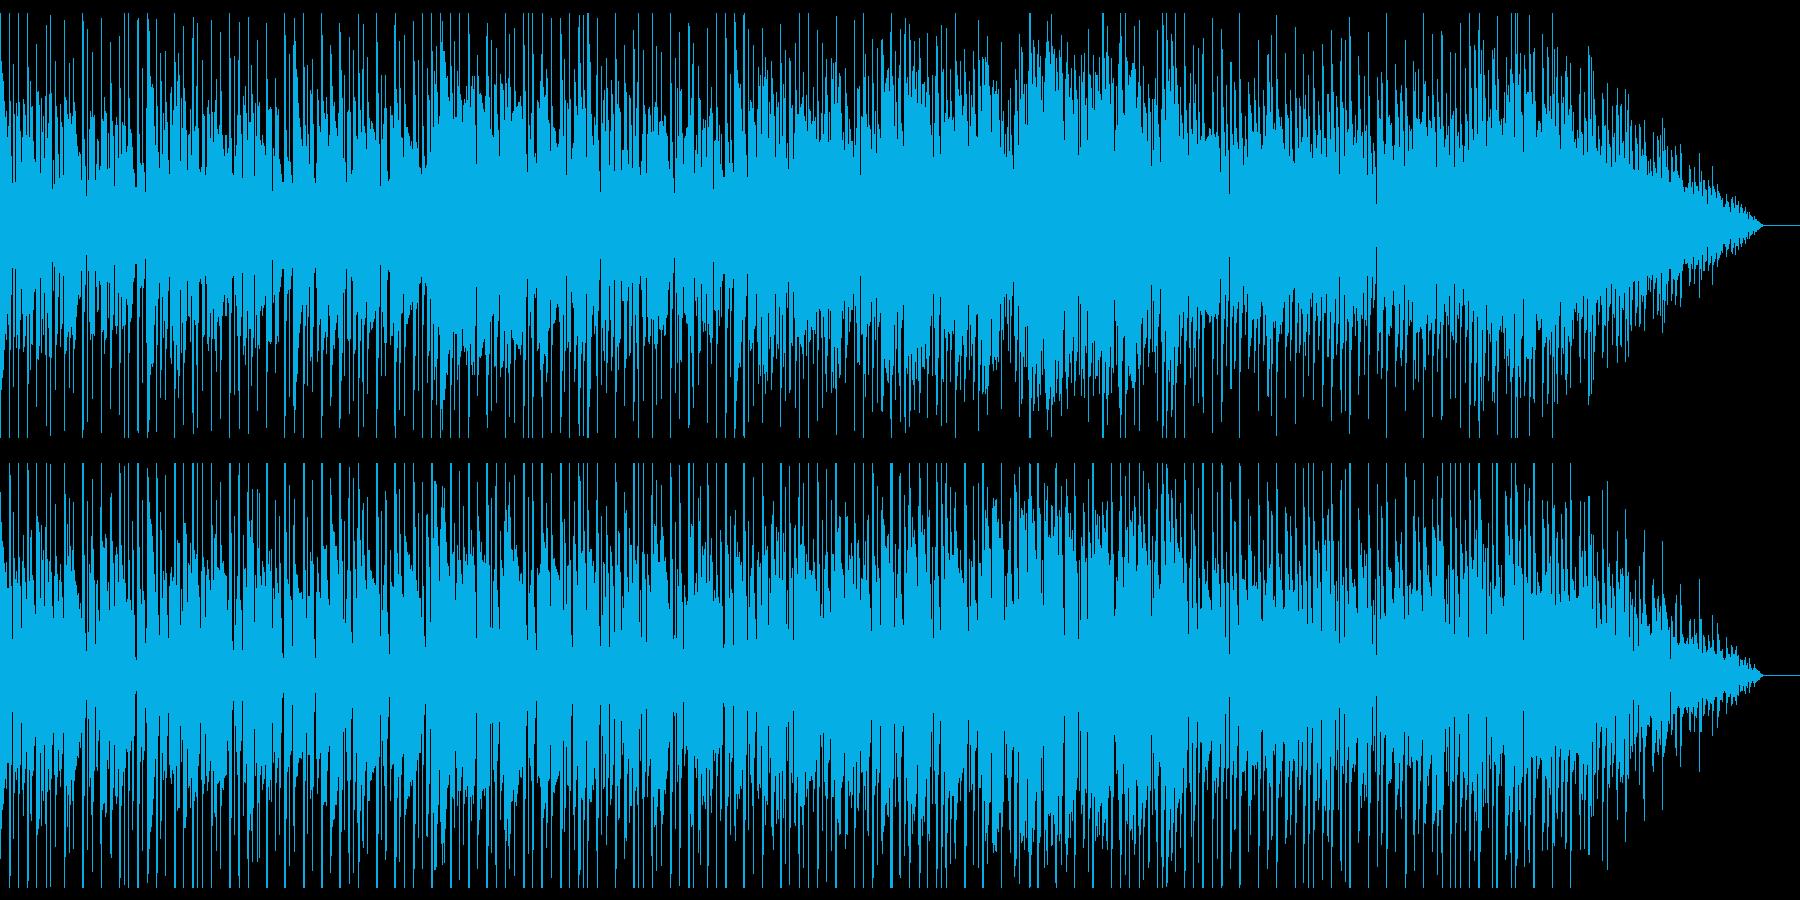 シンプルなバンドロックサウンドの再生済みの波形